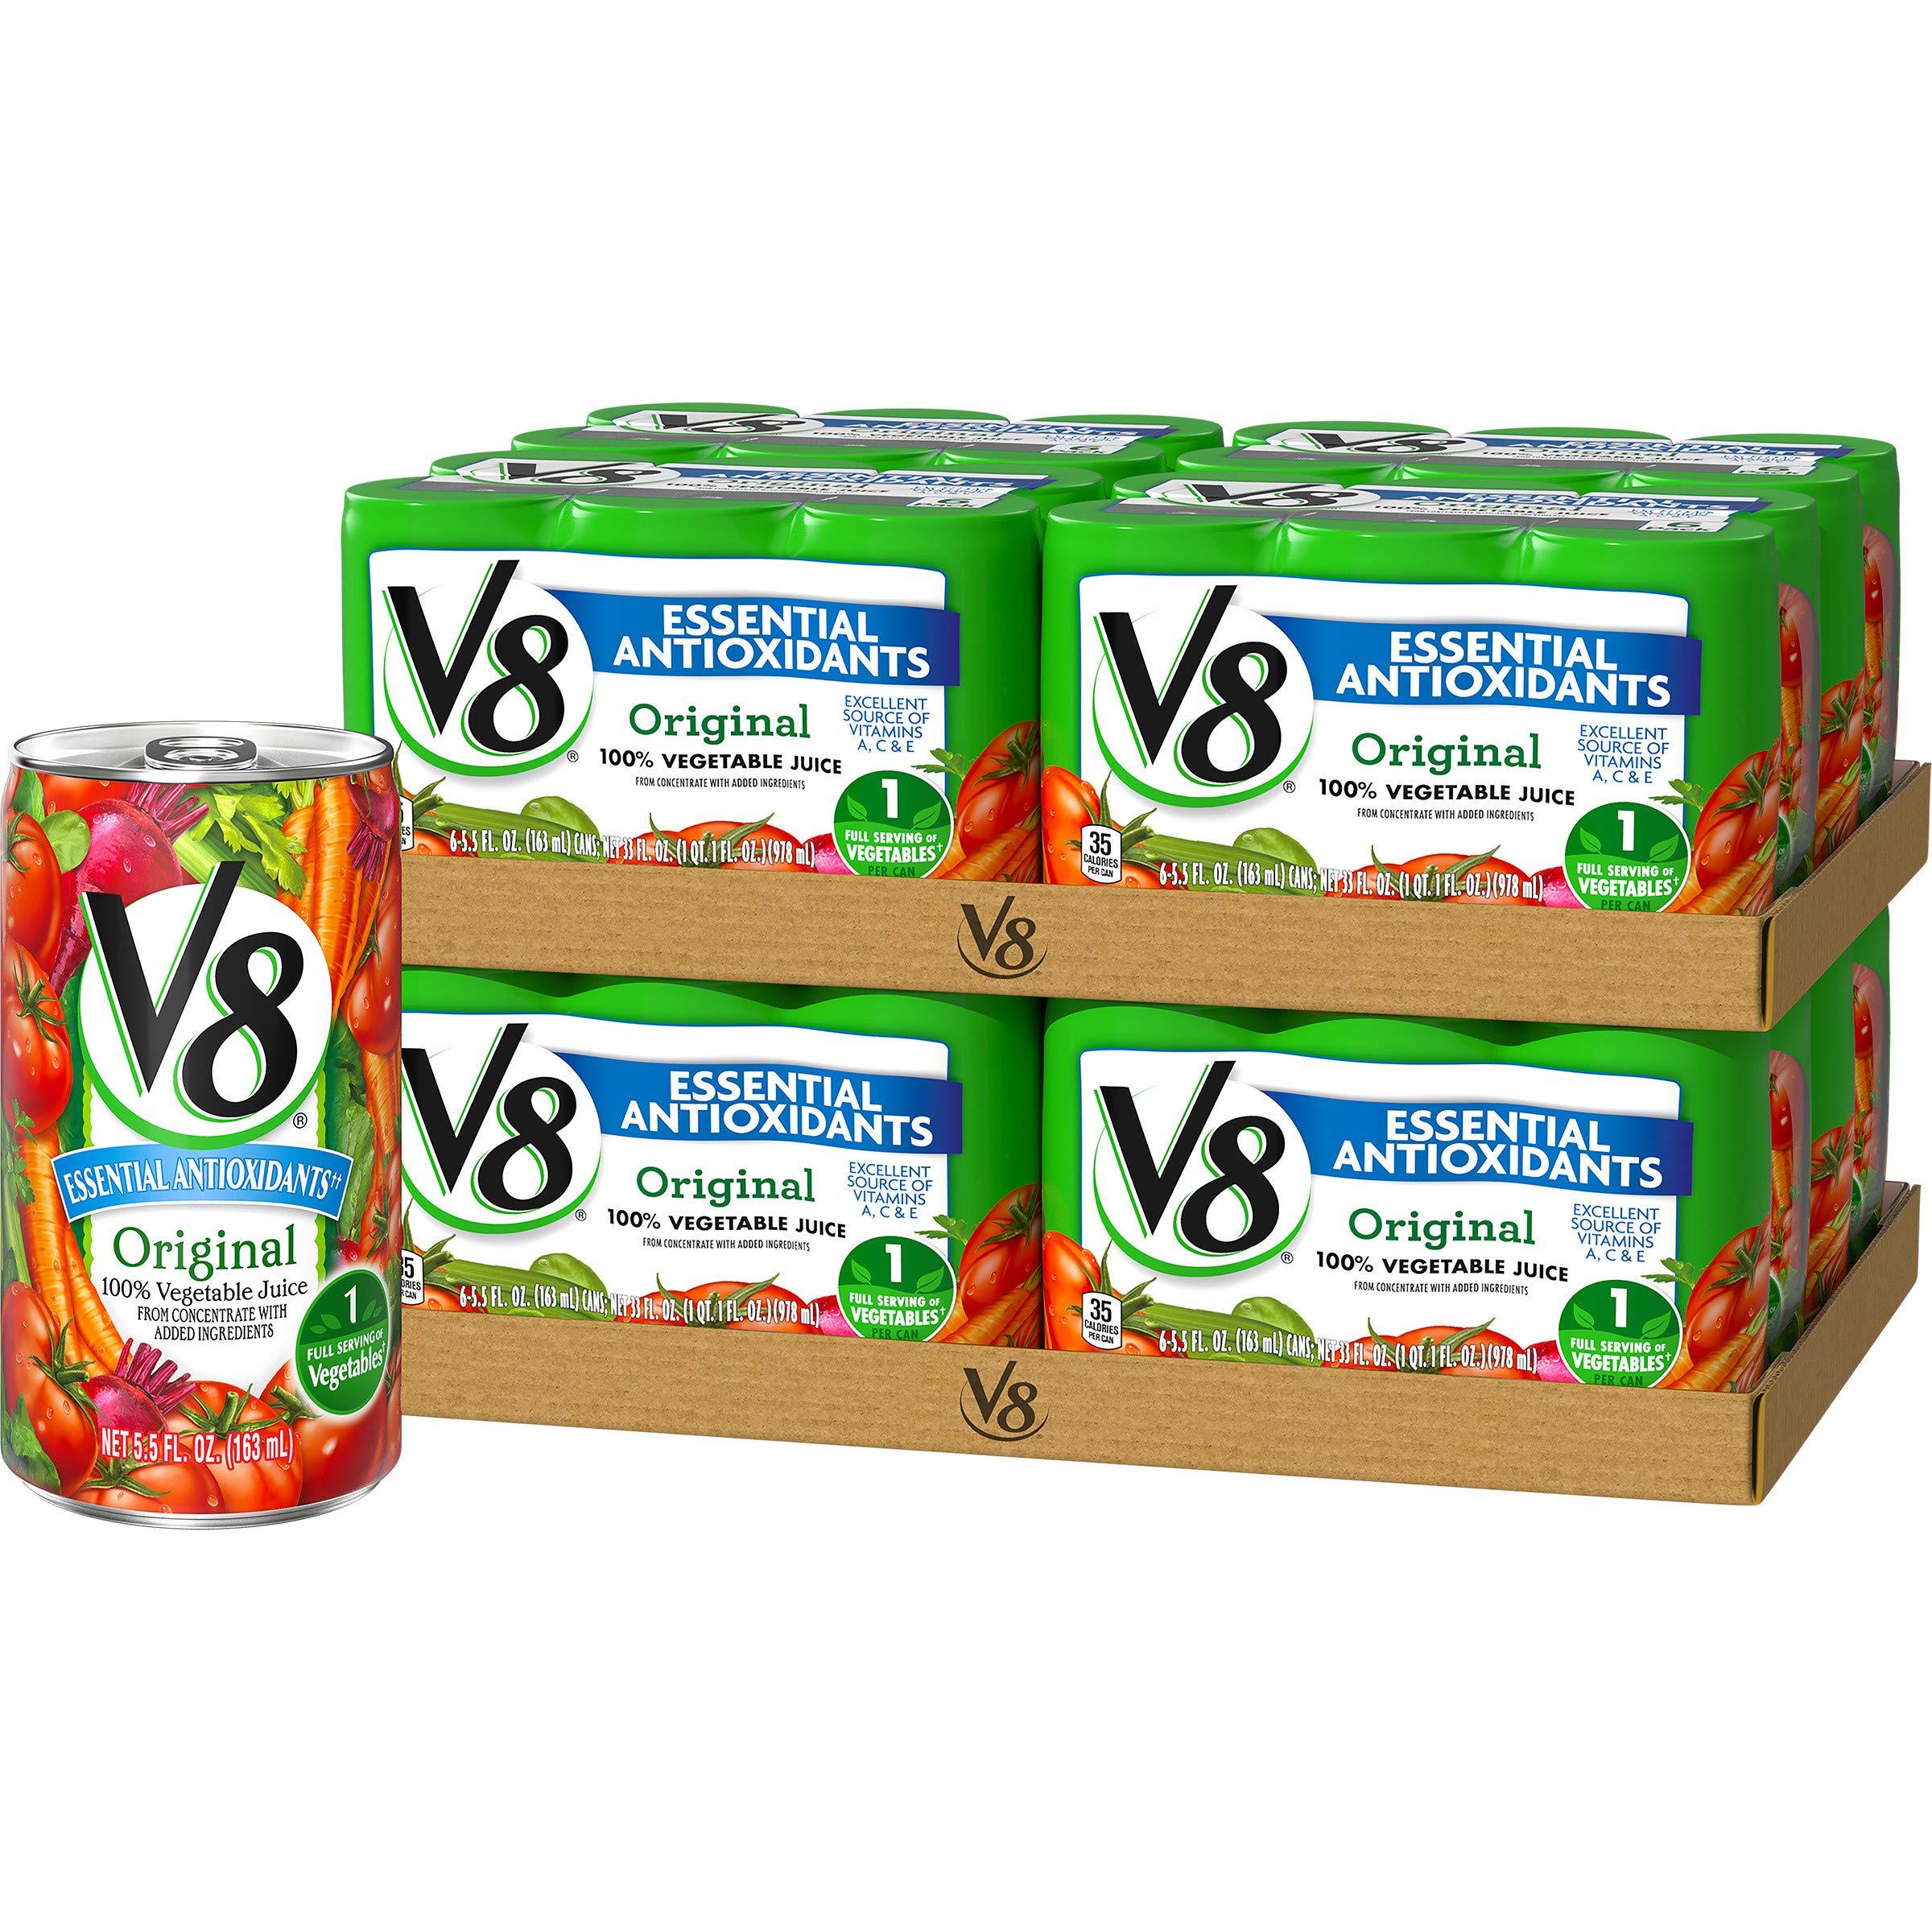 V8 Original Essential Antioxidants 100% Vegetable Juice, 5.5 oz. Can (8 packs of 6, Total of 48) by V8